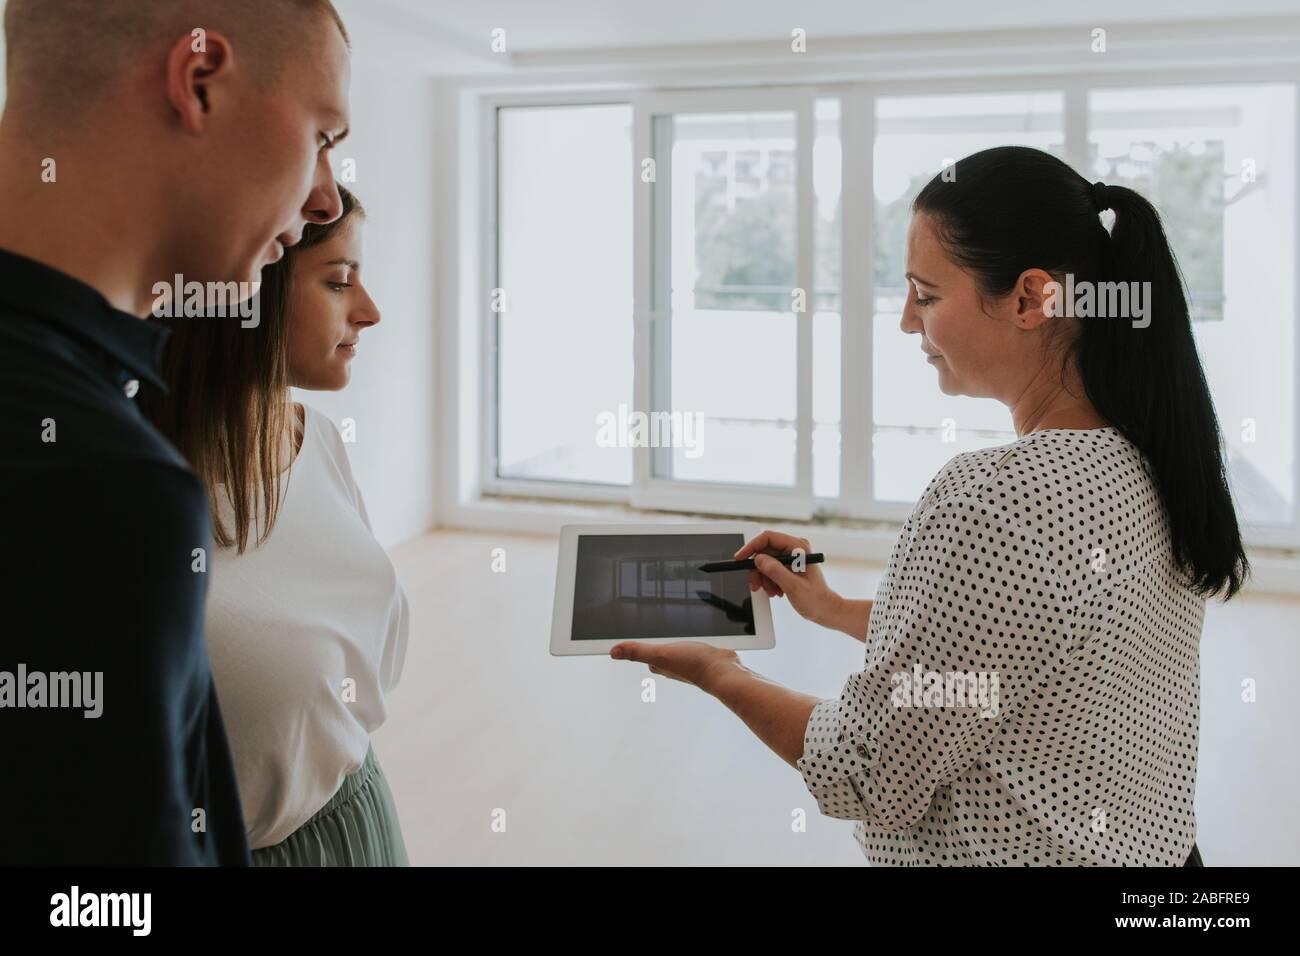 Immobilienmakler mit digitalen Tablet zeigen junge Paar neues Haus Stockfoto